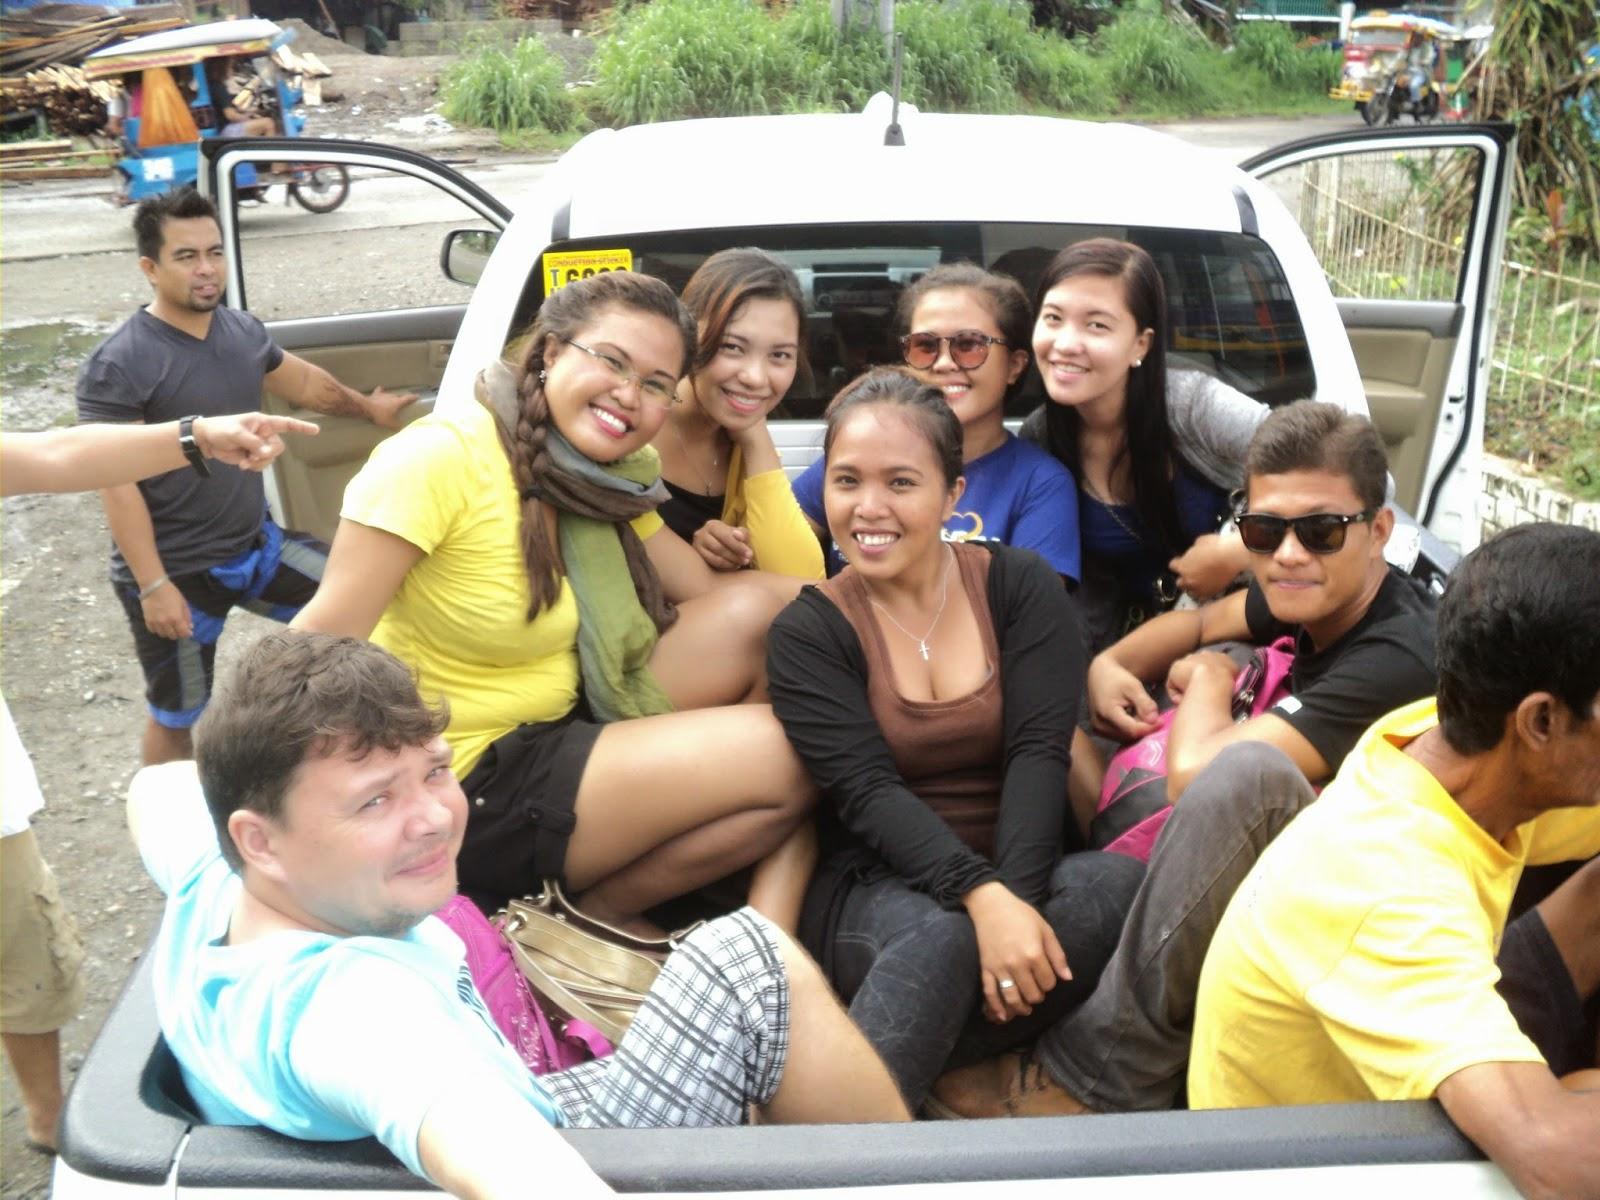 tak właśnie jechaliśmy na filipińskie urodziny, 15 osób zapakowało się do samochodu